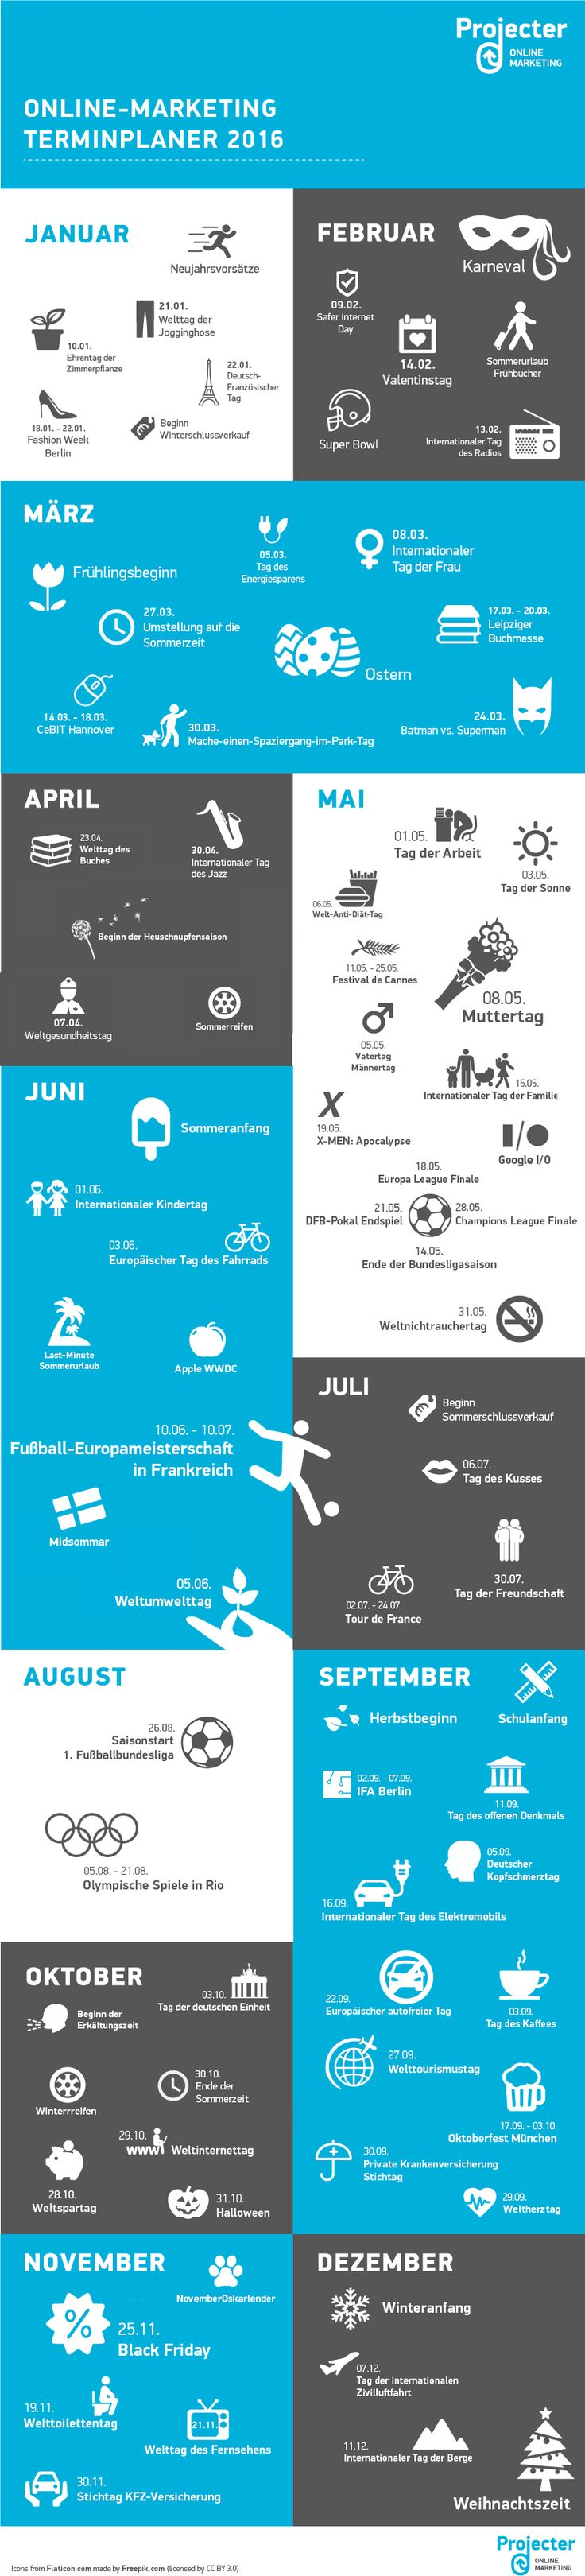 Online Marketing Terminplaner 2016